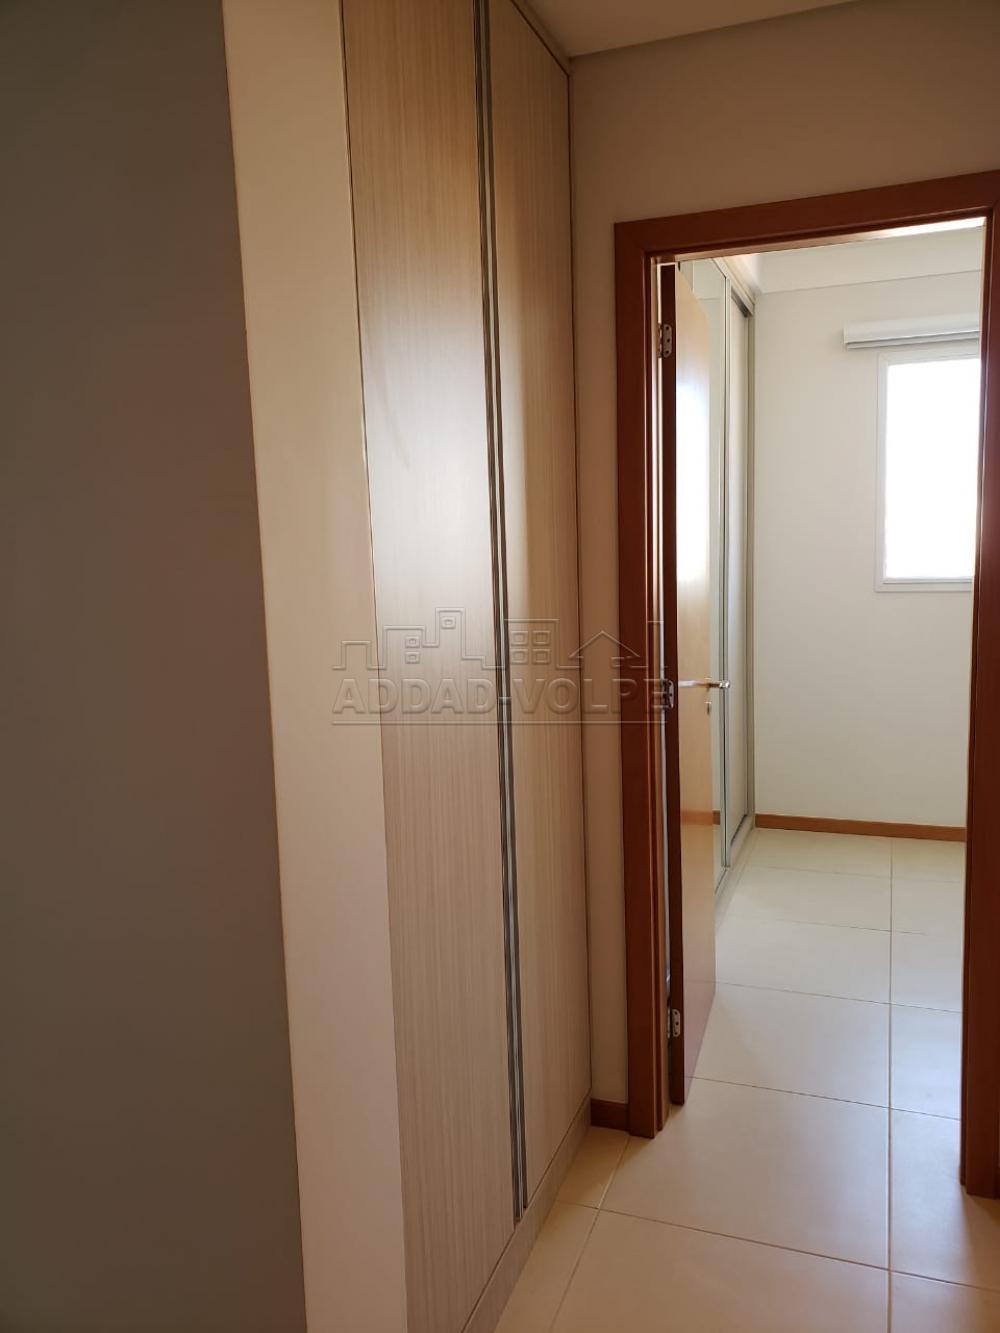 Alugar Apartamento / Padrão em Bauru R$ 1.200,00 - Foto 18